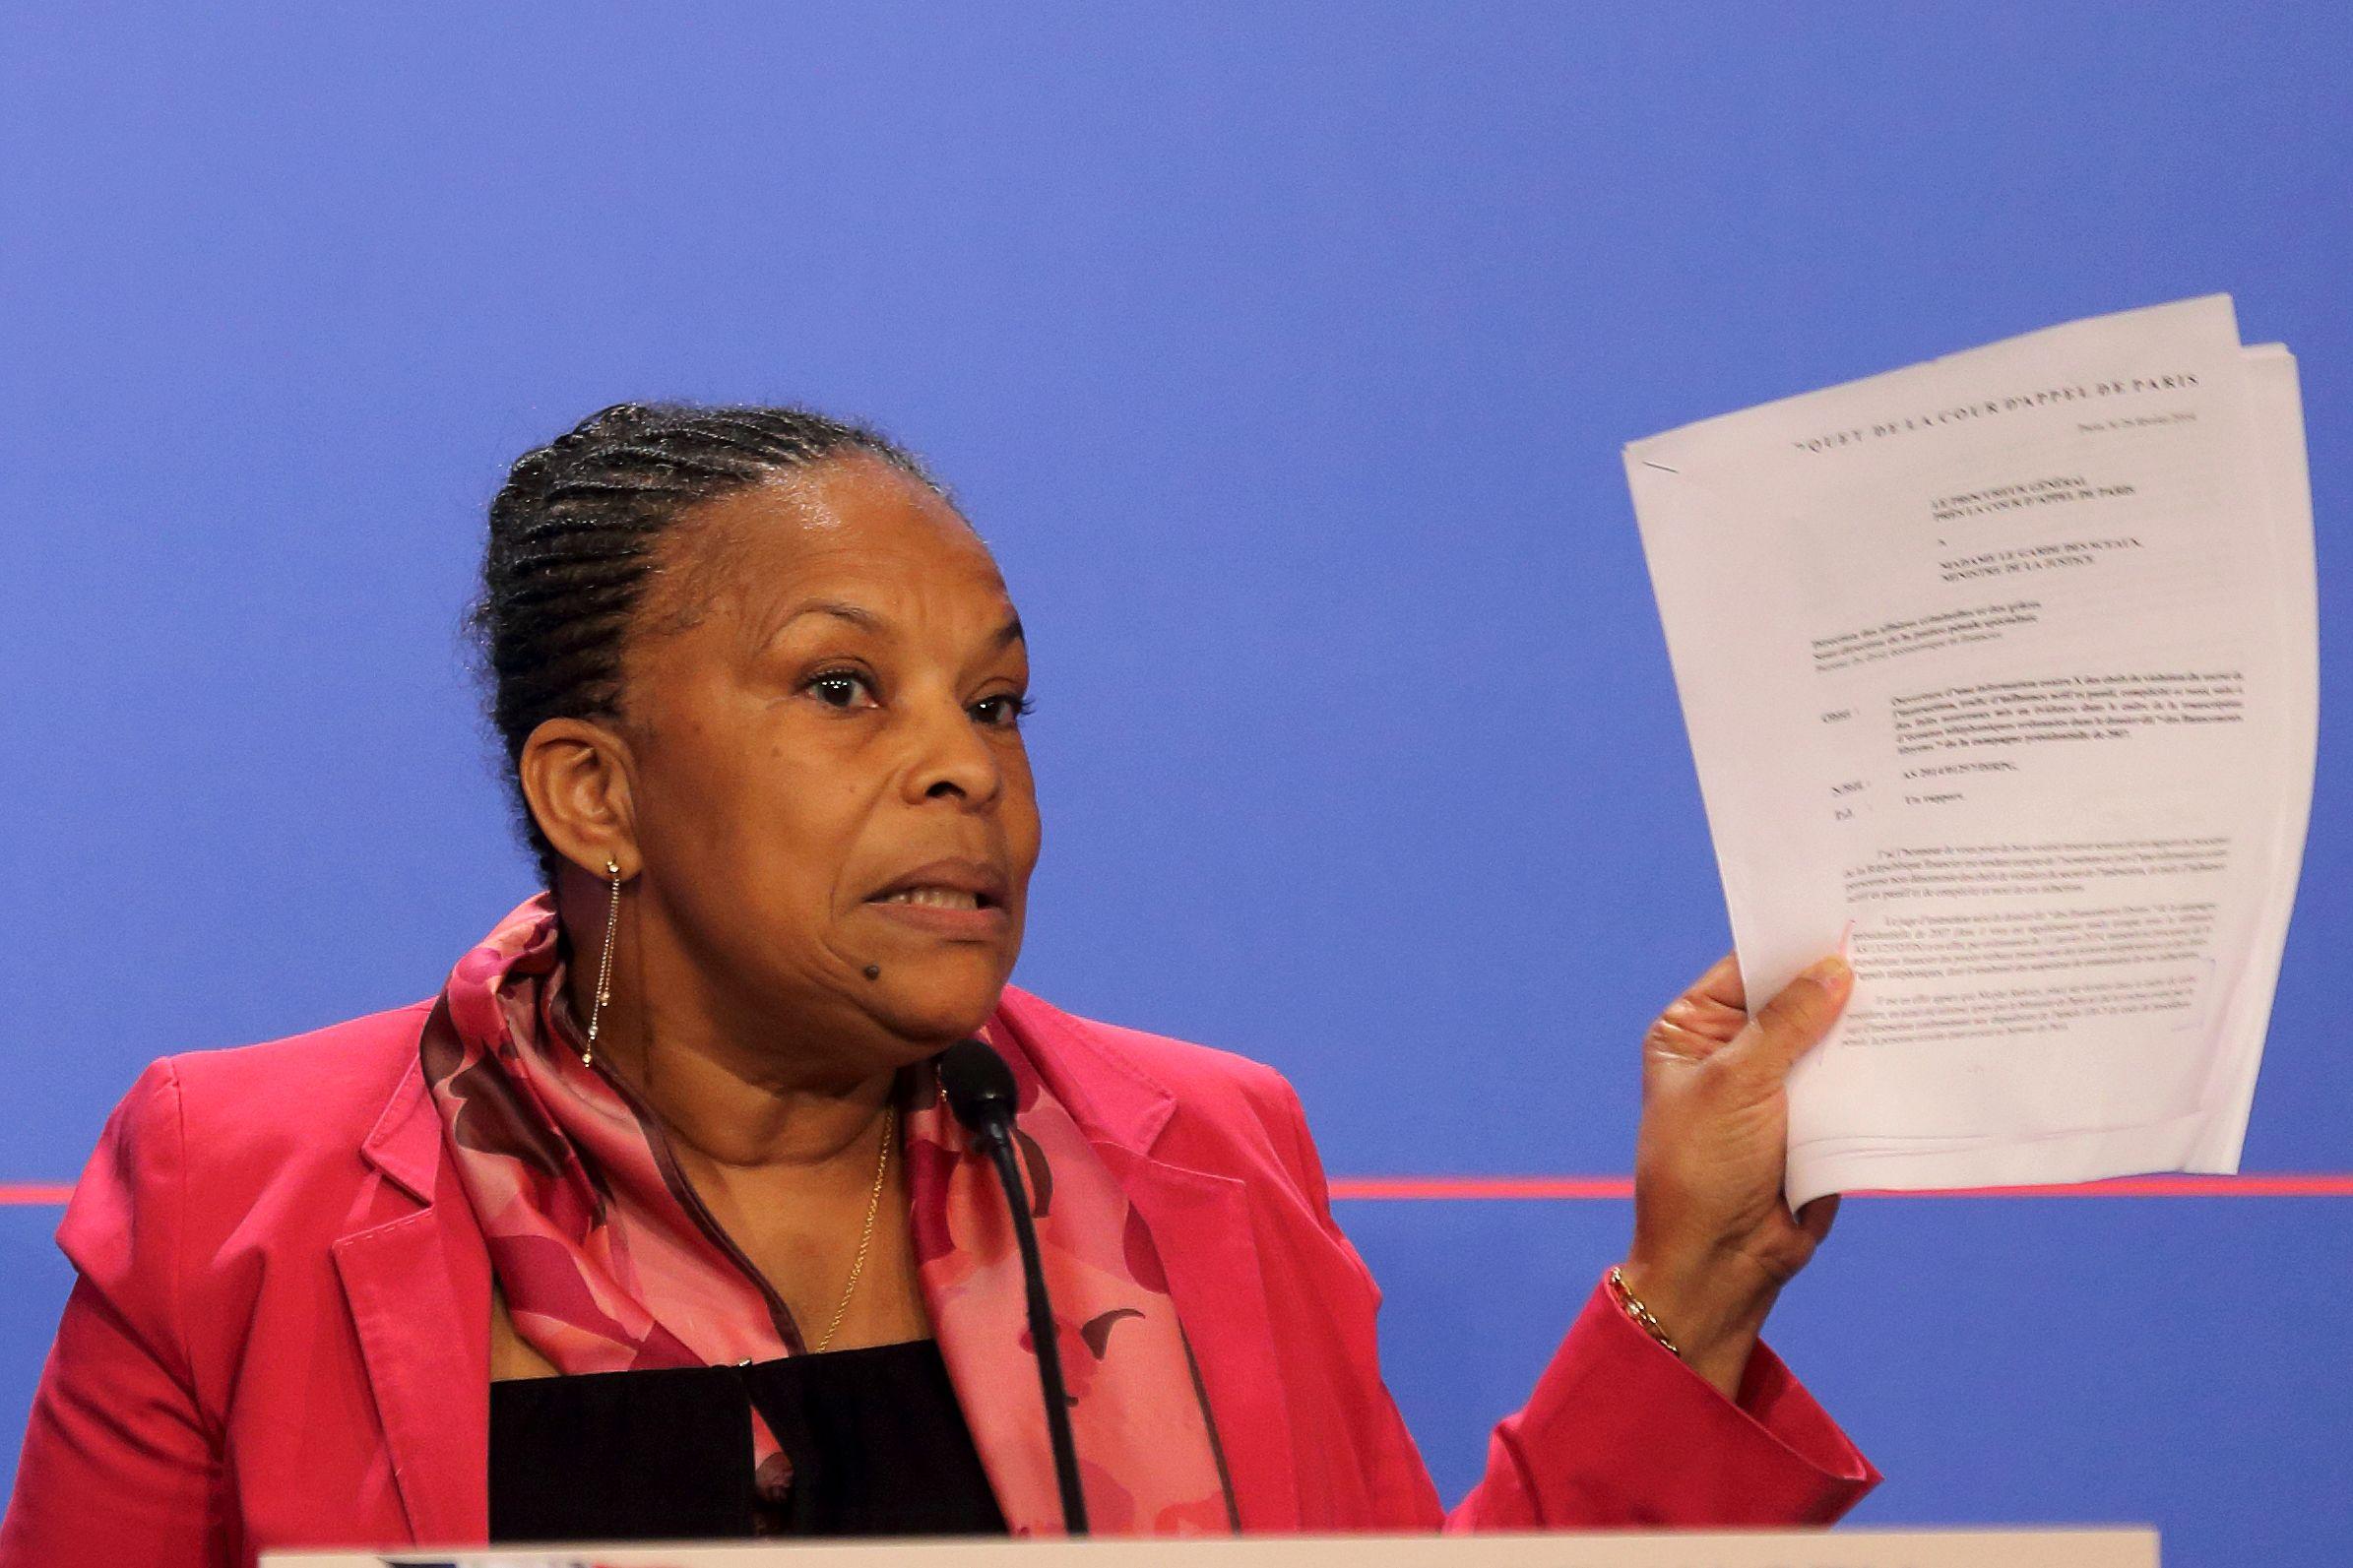 La ministre de la Justice Christiane Taubira a brandi lors d'une conférence de presse des lettres que lui ont adressé des magistrats sur les écoutes faites sur Nicolas Sarkozy.